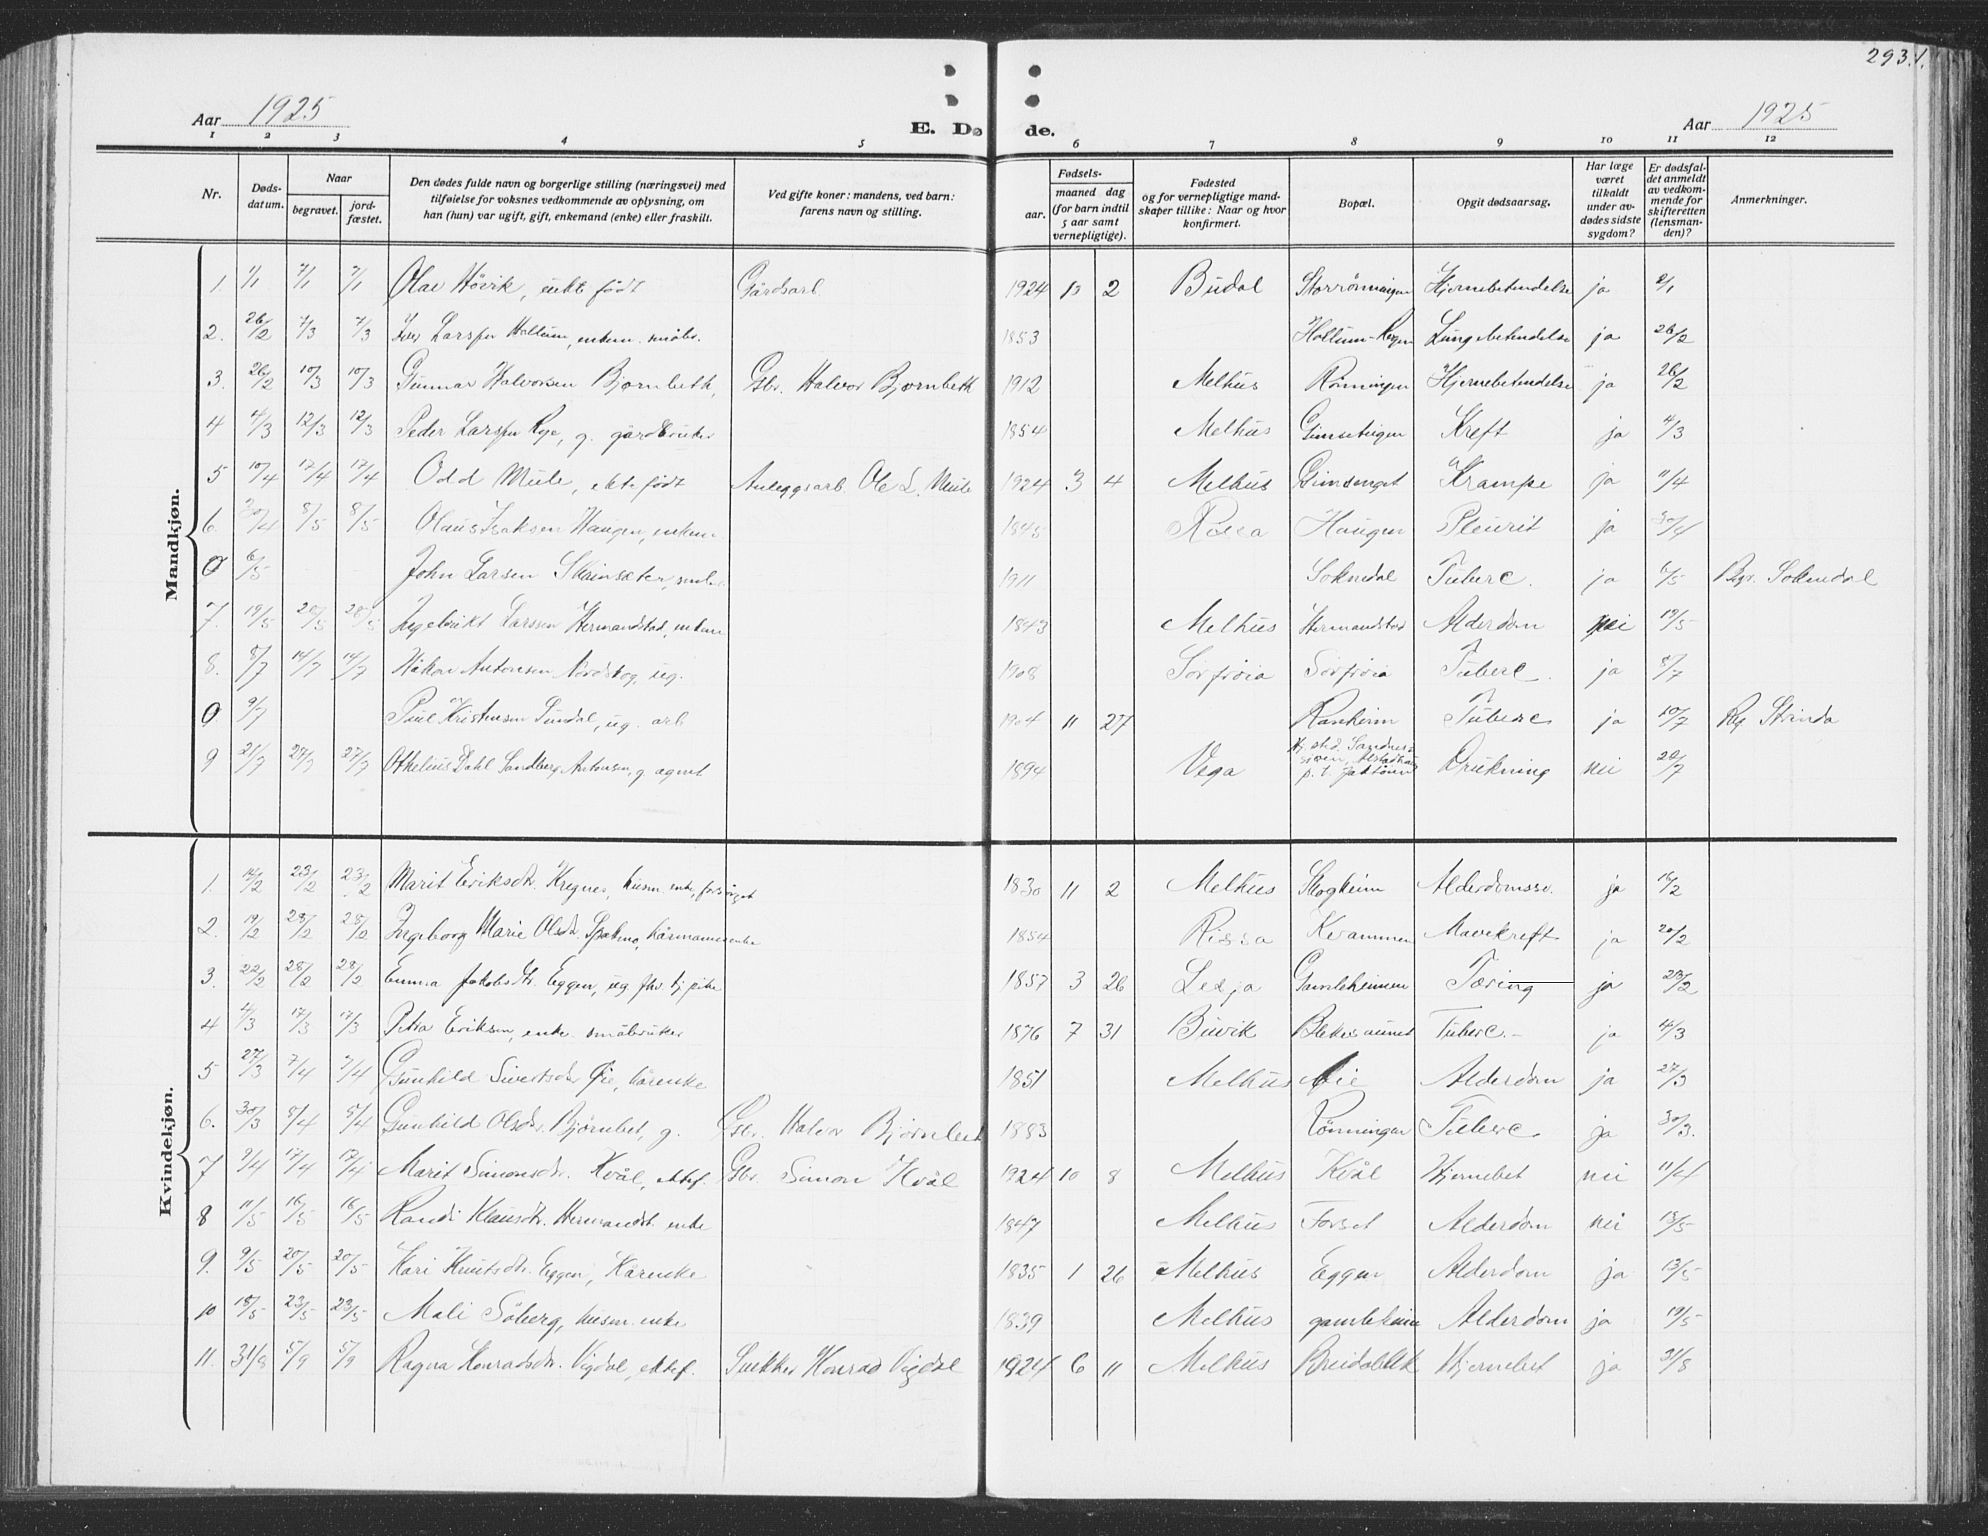 SAT, Ministerialprotokoller, klokkerbøker og fødselsregistre - Sør-Trøndelag, 691/L1095: Klokkerbok nr. 691C06, 1912-1933, s. 293